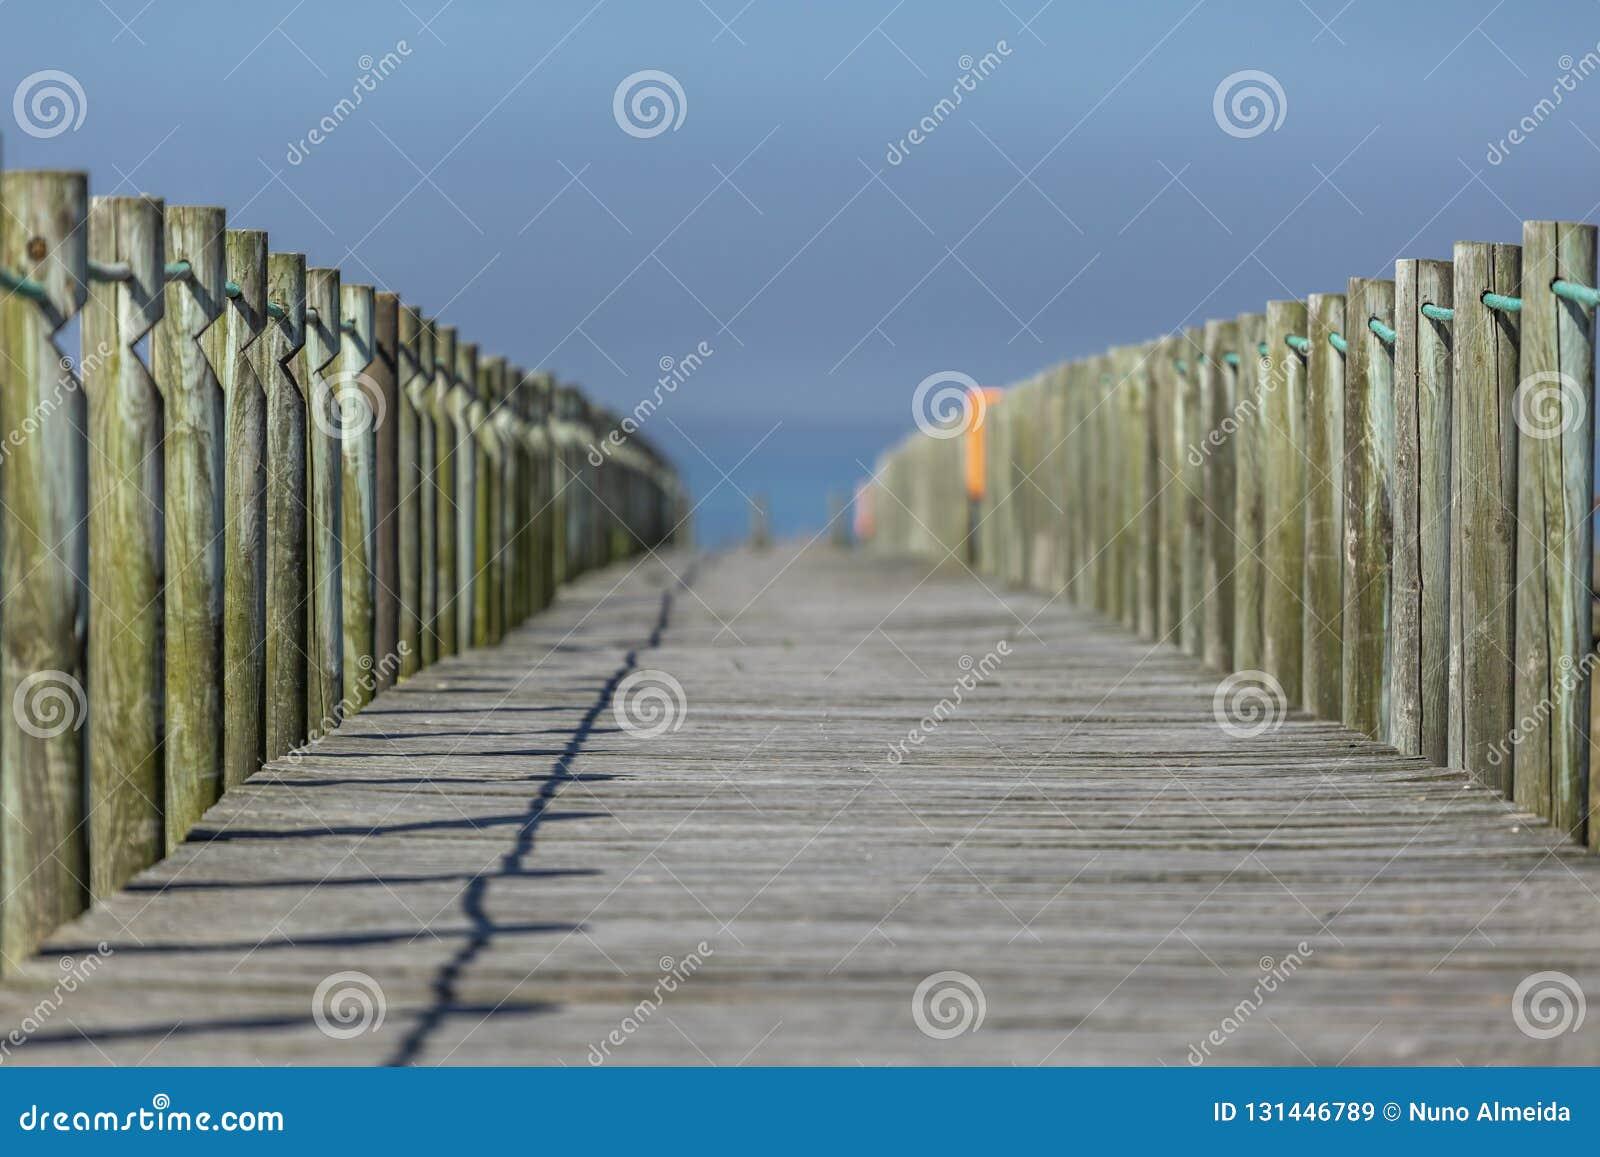 Perspectiefmening van houten voetgang, naar de oceaan, naast het strand, Portugal